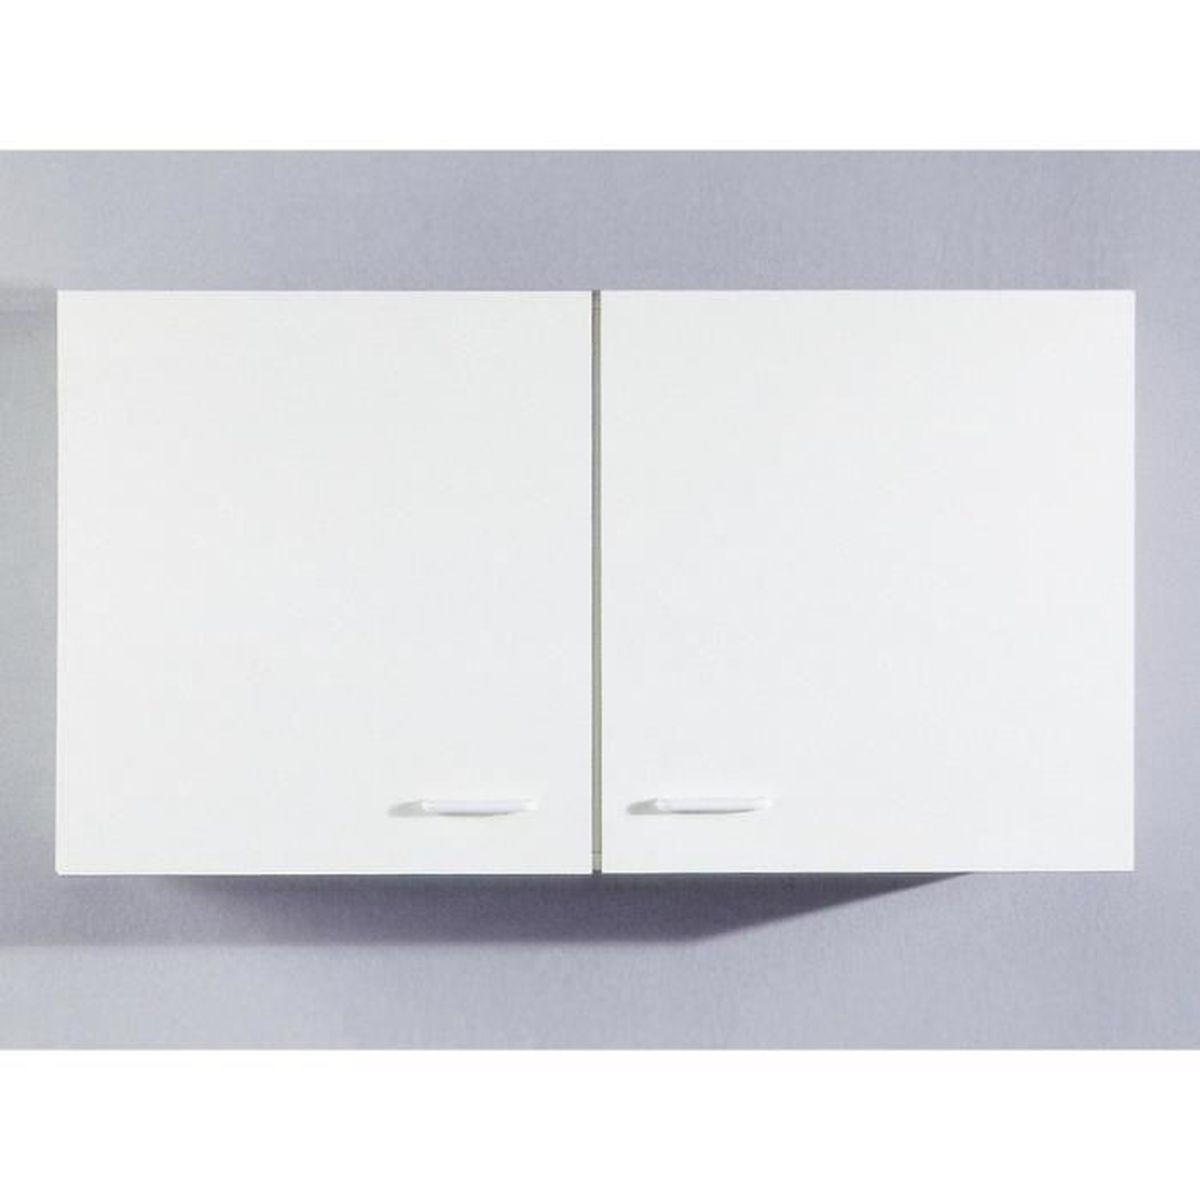 Meuble haut de cuisine Tupi 12 cm Blanc - Achat / Vente éléments